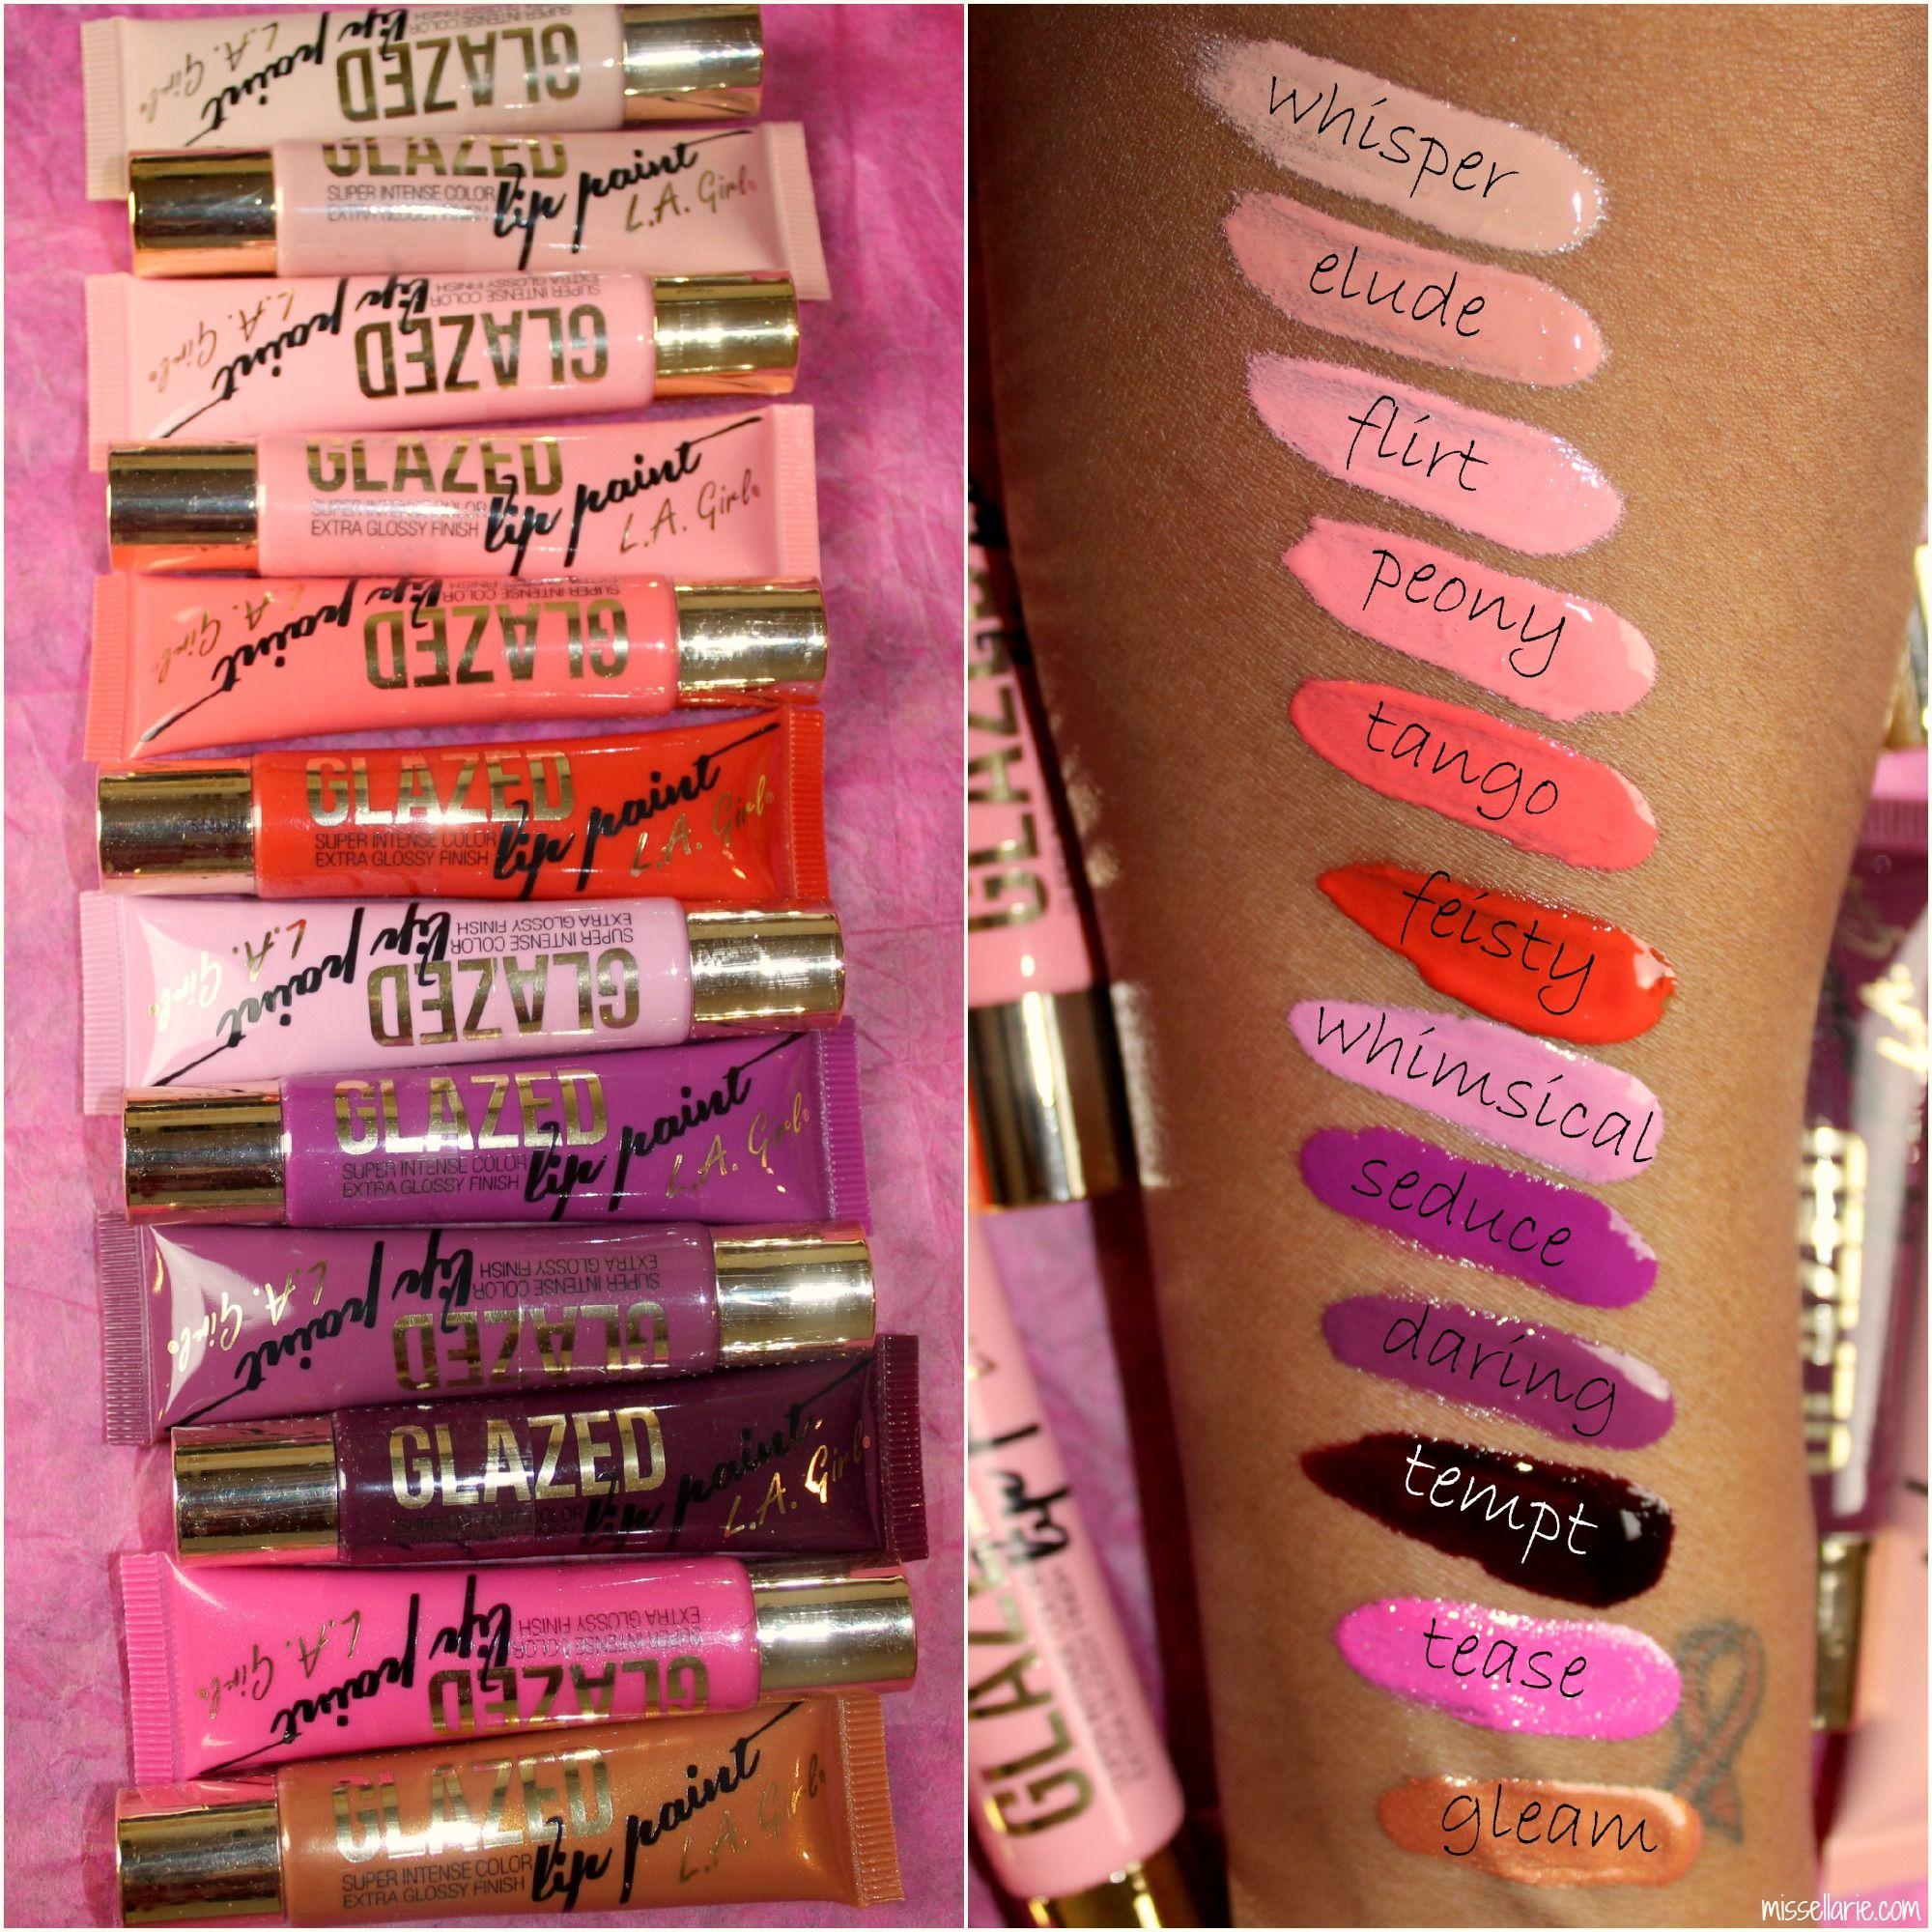 la girl glazed lip paint Google Search Lip paint, Eye